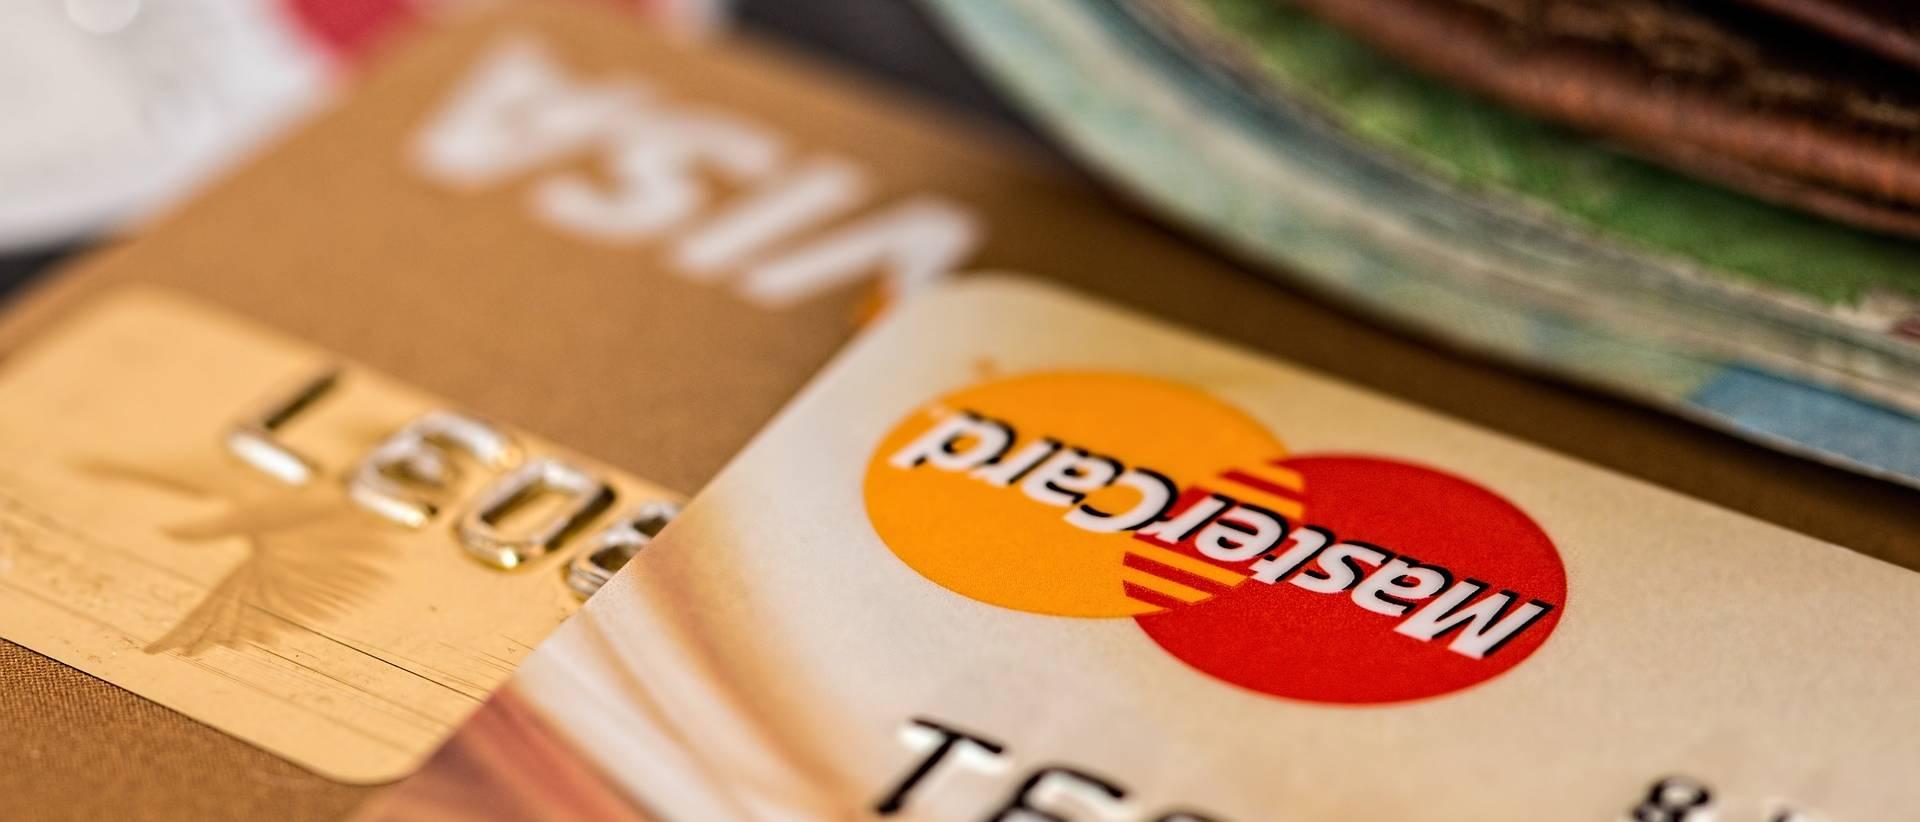 plusieurs cartes bancaires superposées